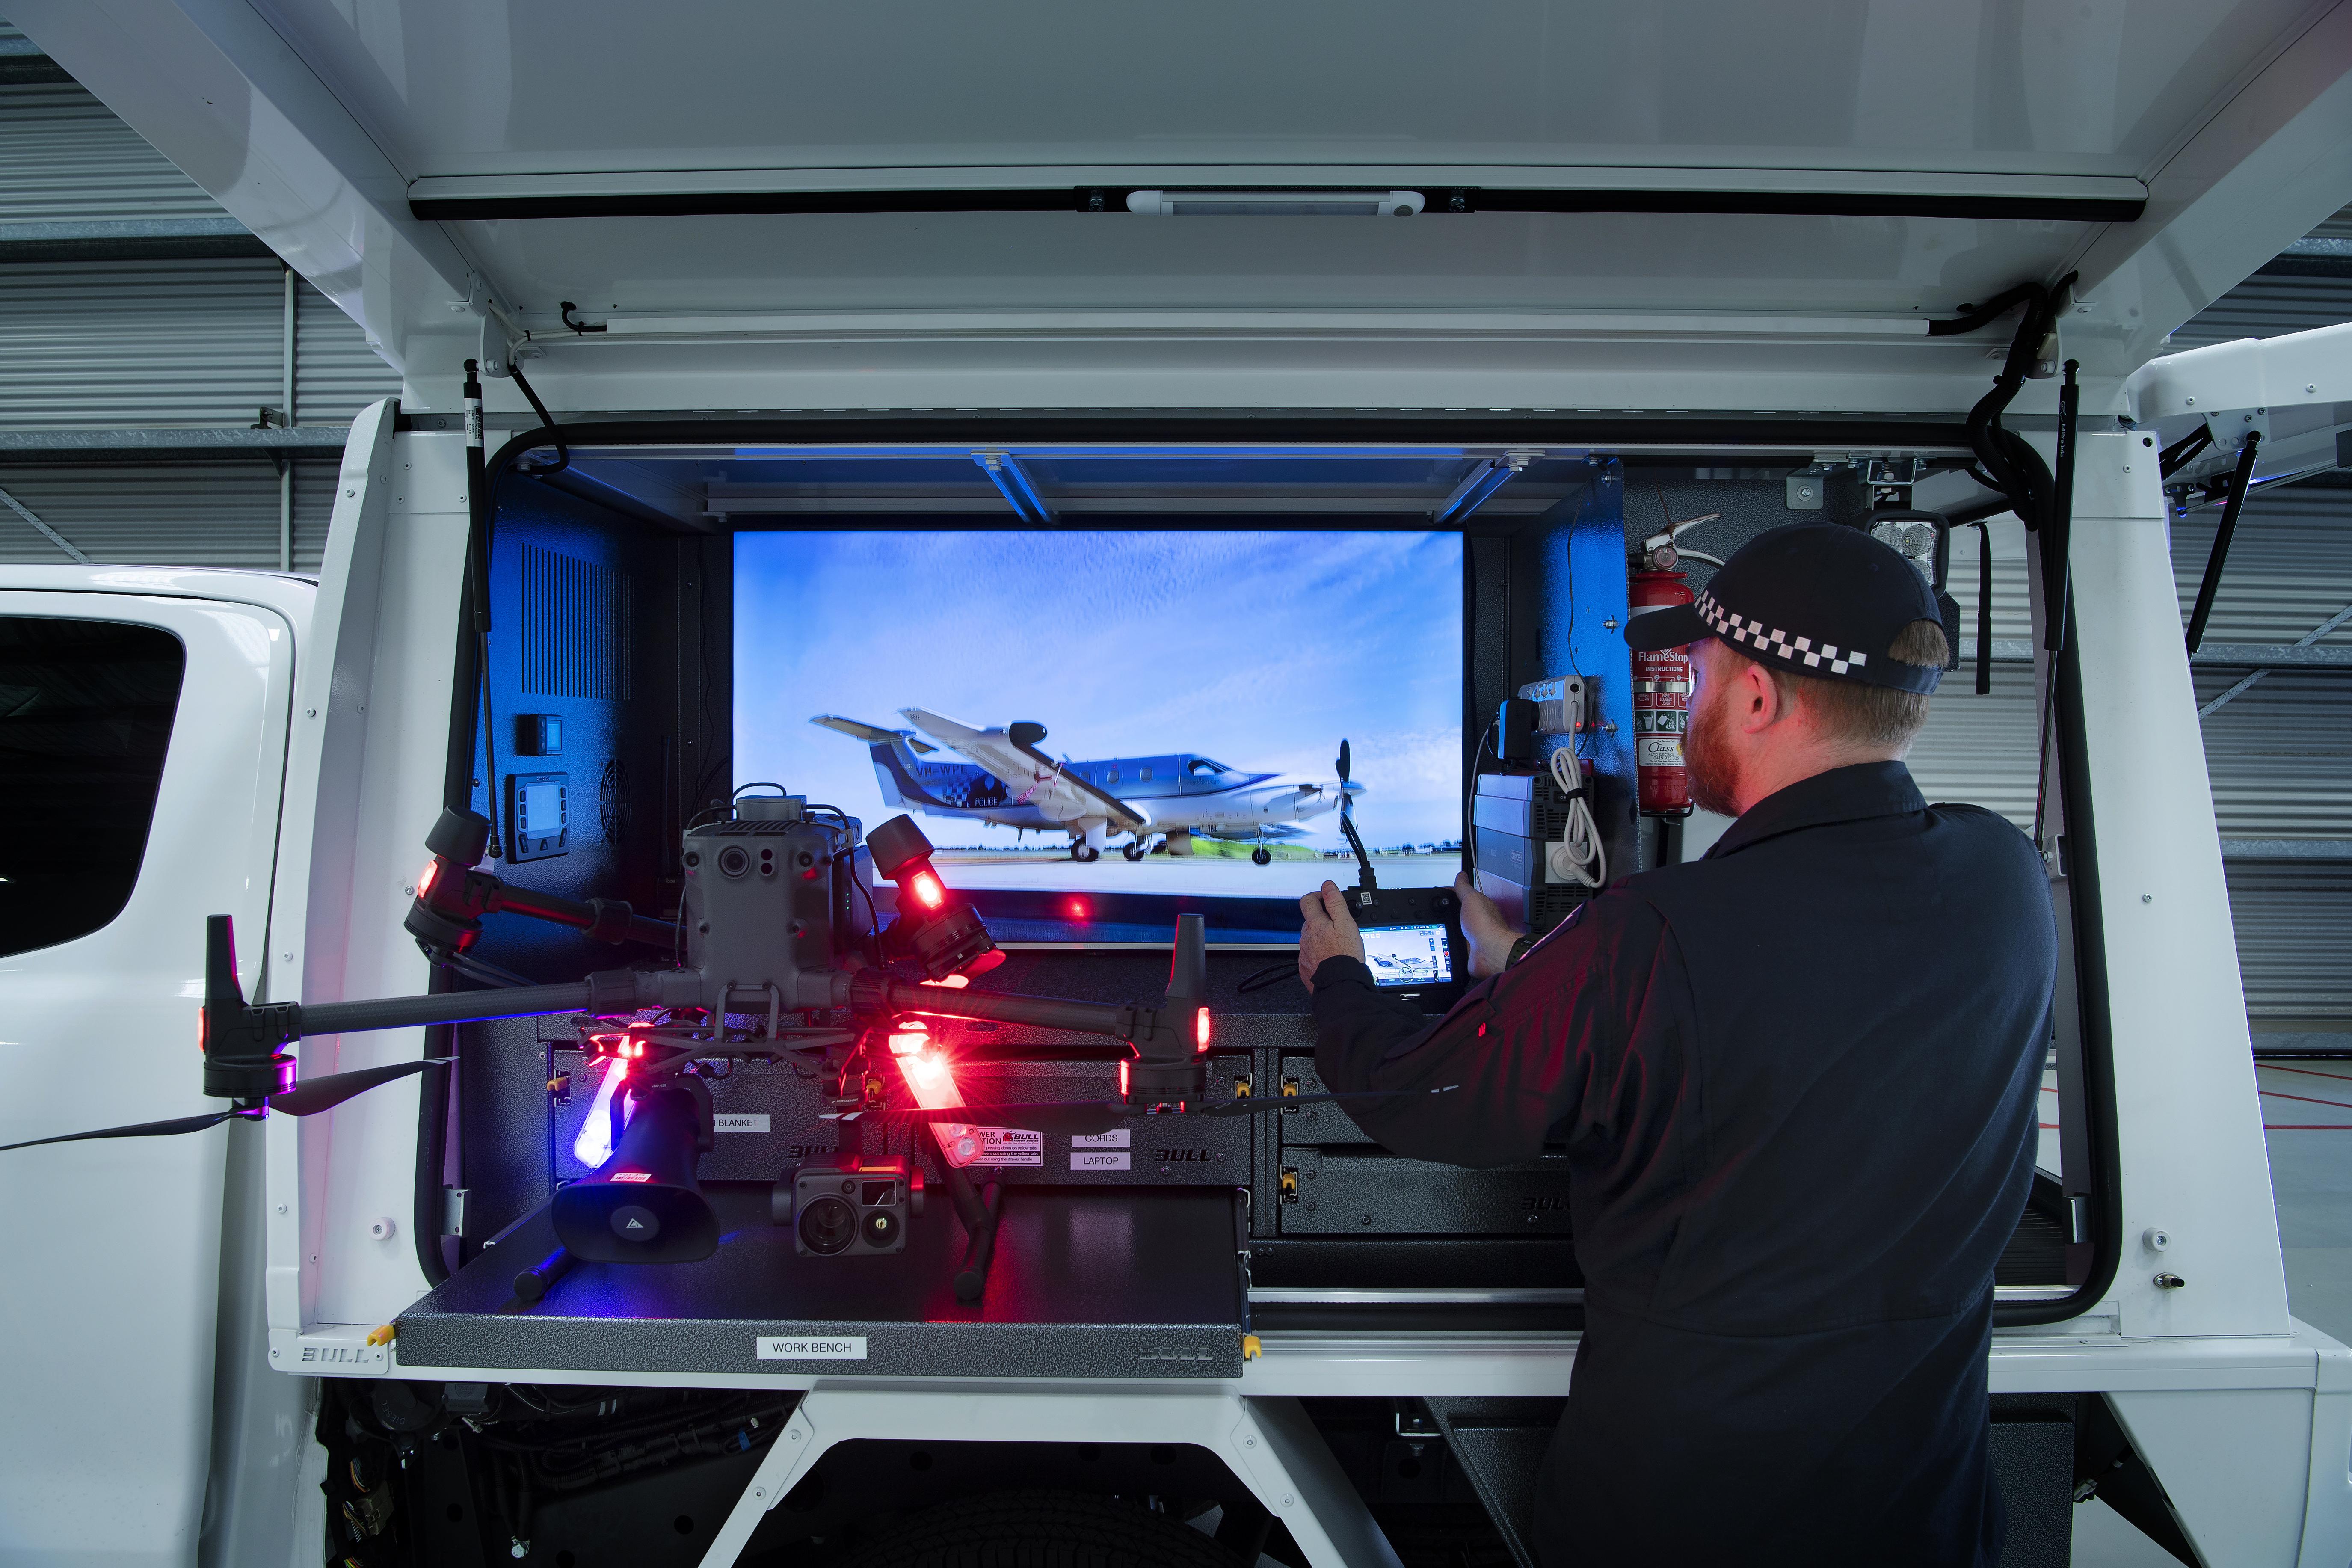 WAPU DroneTech 101